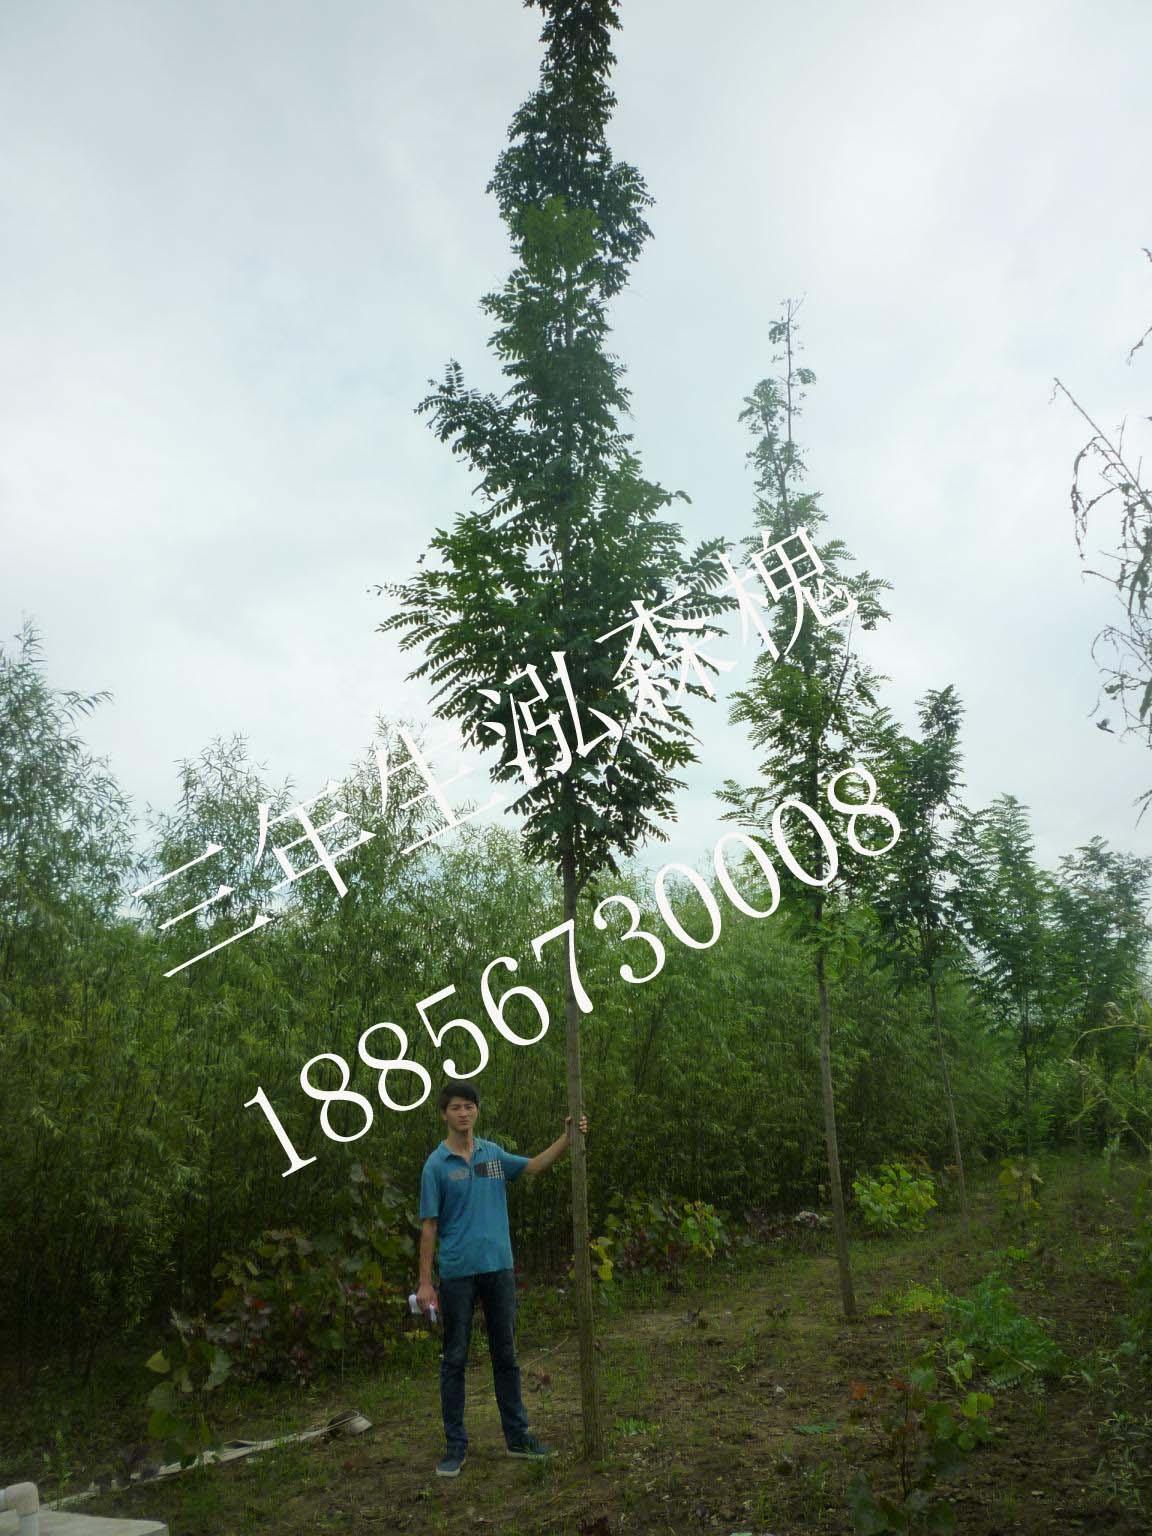 信息中心 林业扶贫树种泓森槐   防港林业扶贫项目:有茶树苗木提供吗?图片